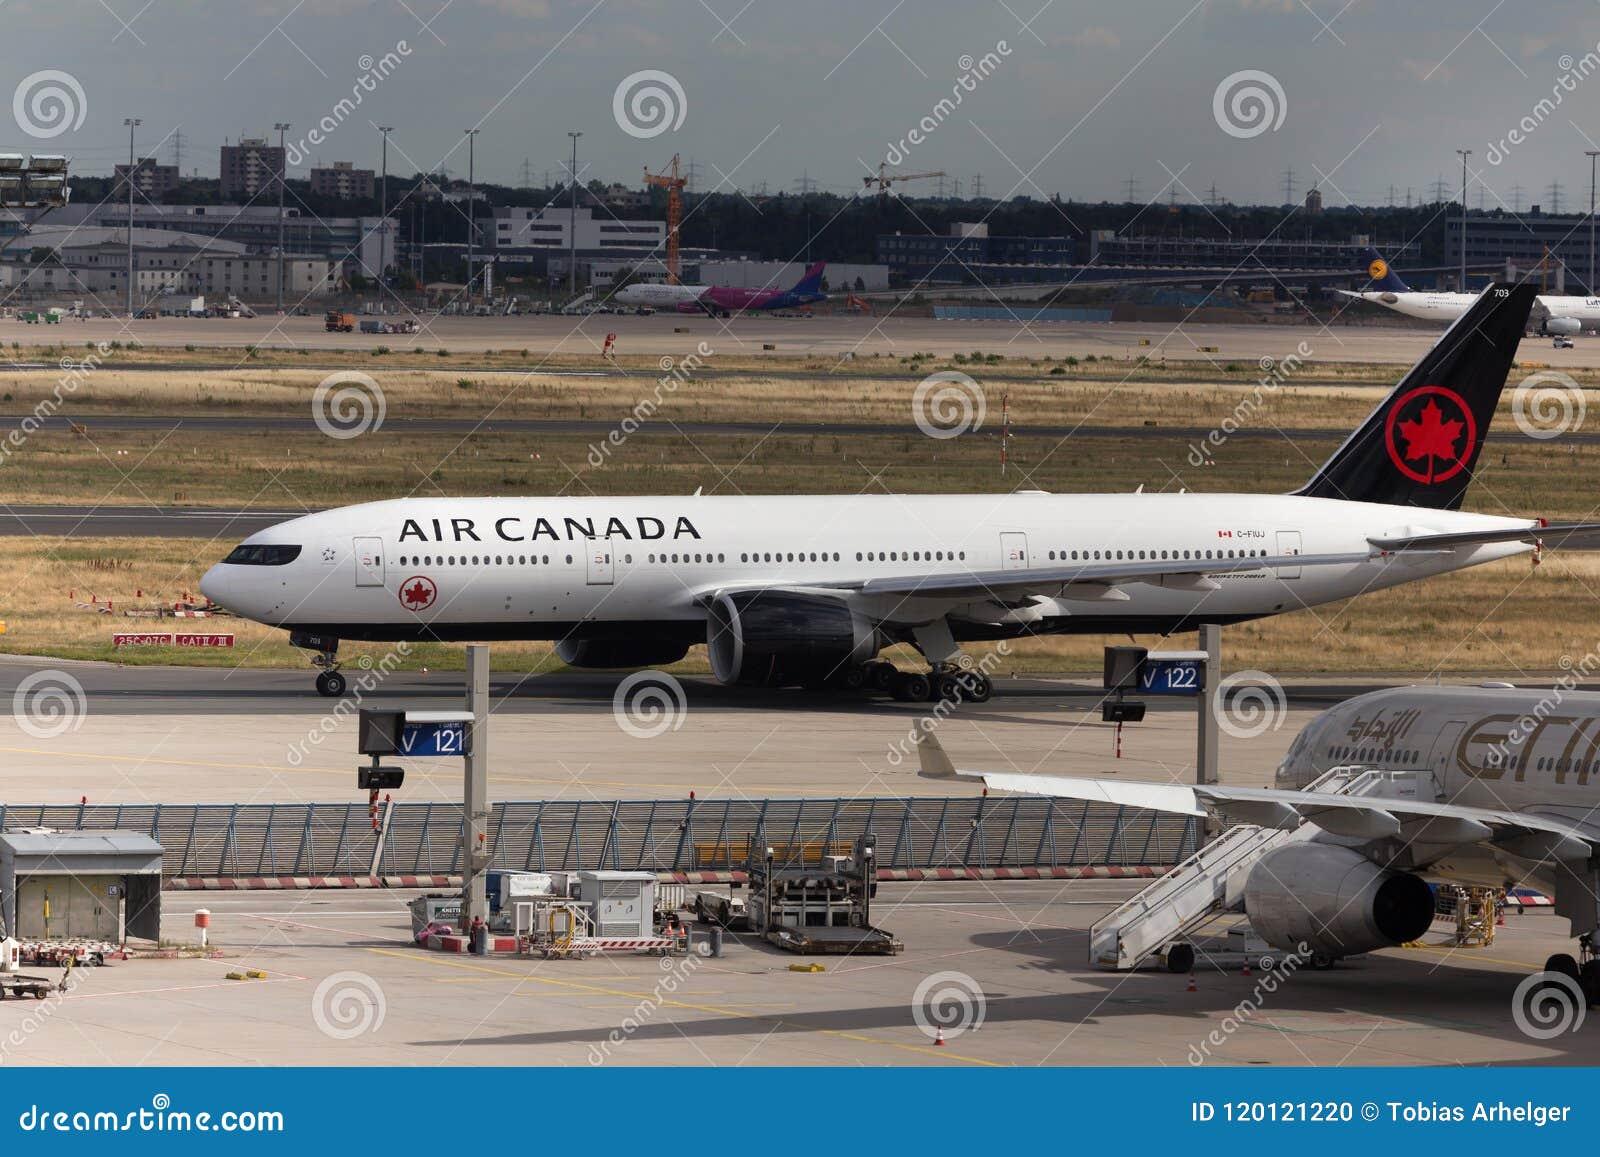 Francfort, Hesse/Alemania - 25 06 18: aterrizaje de aeroplano de Air Canada en el aeropuerto de Francfort Alemania